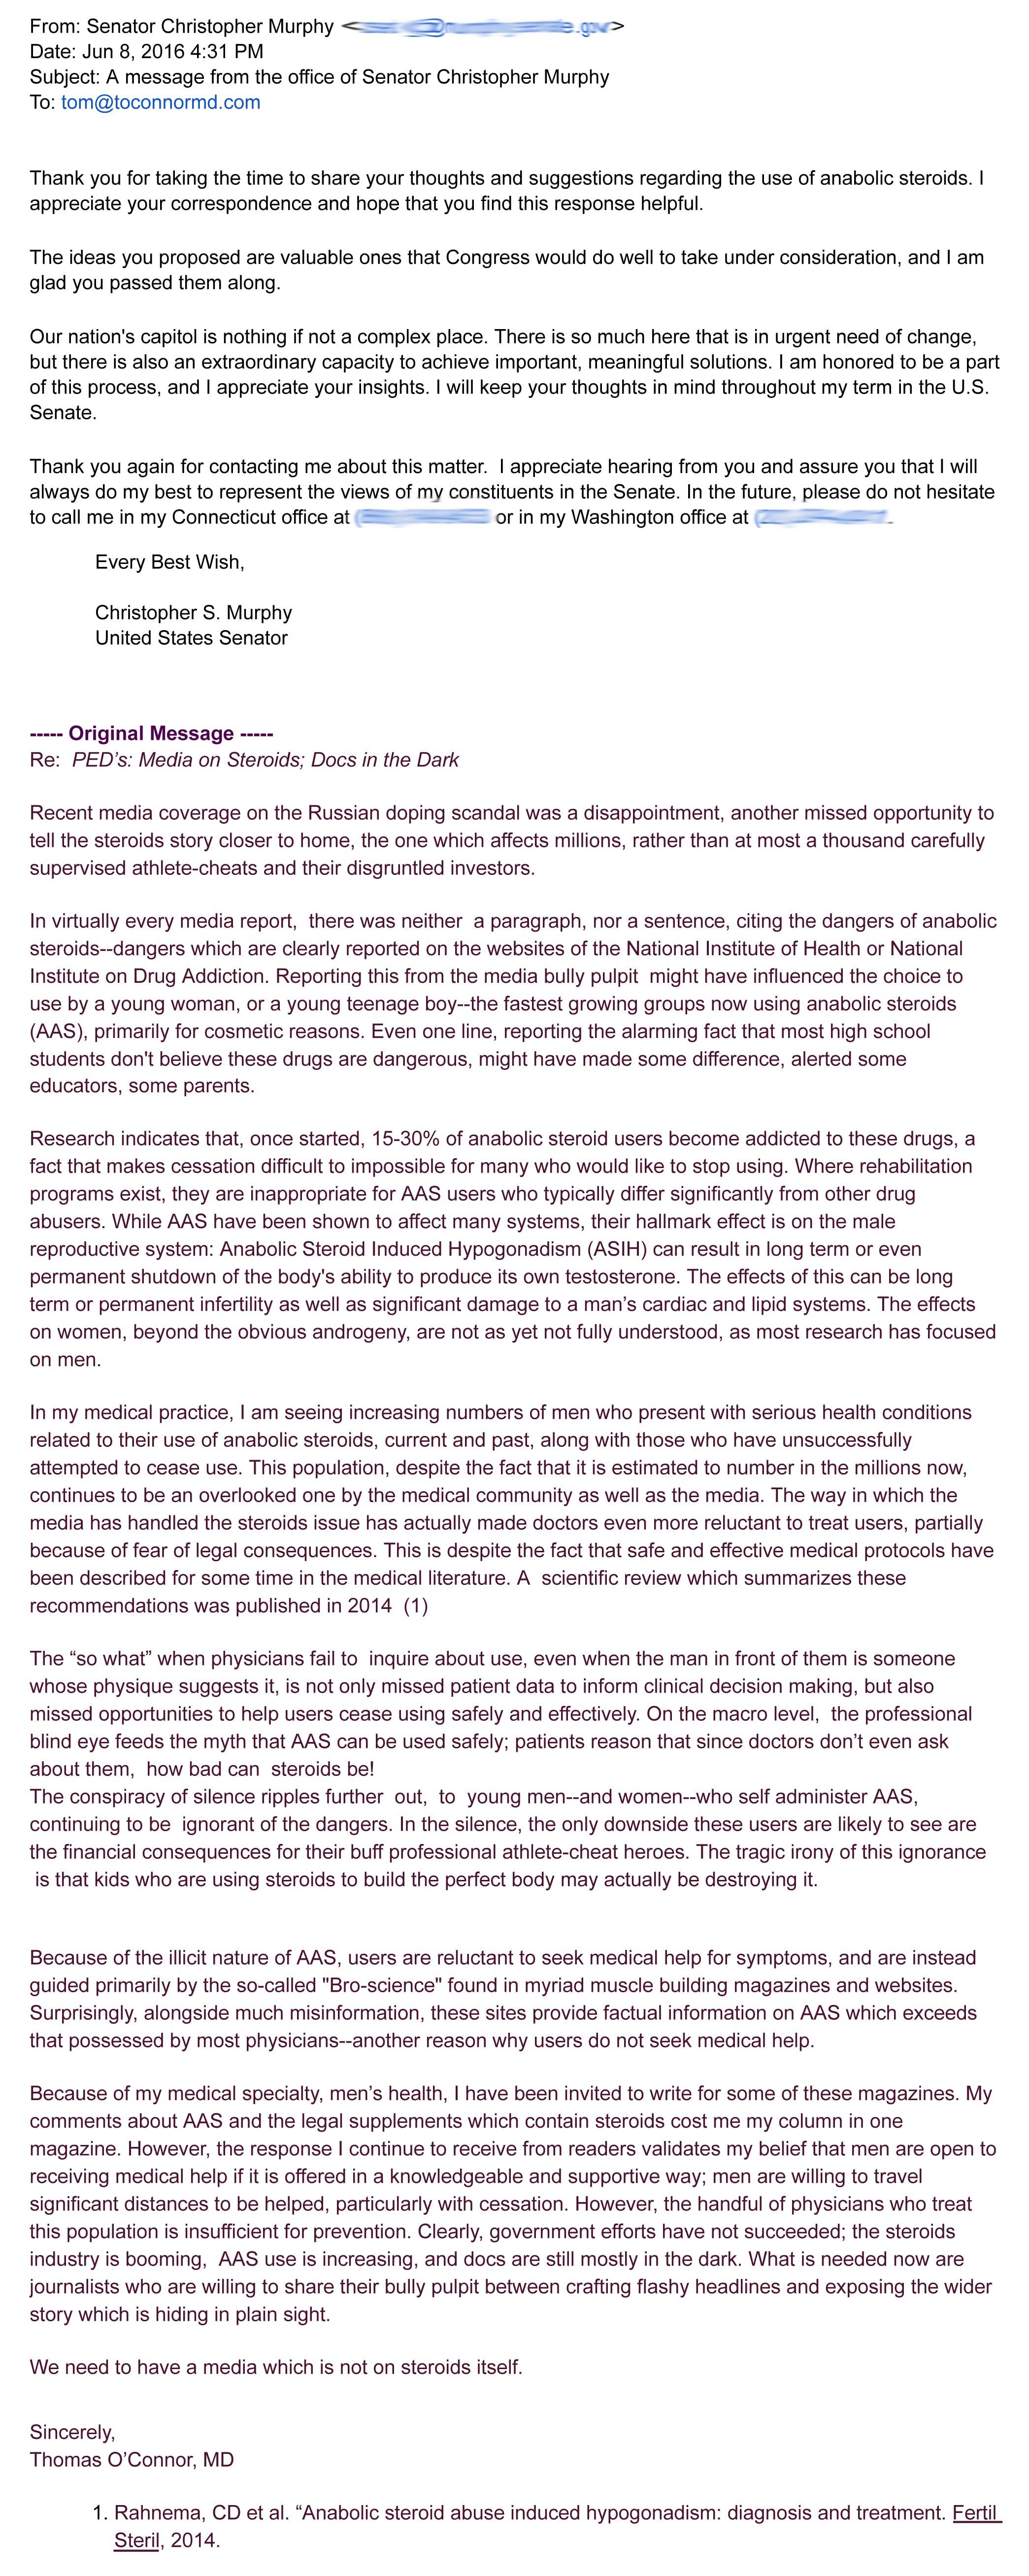 Letter from Senator Christopher Murphy